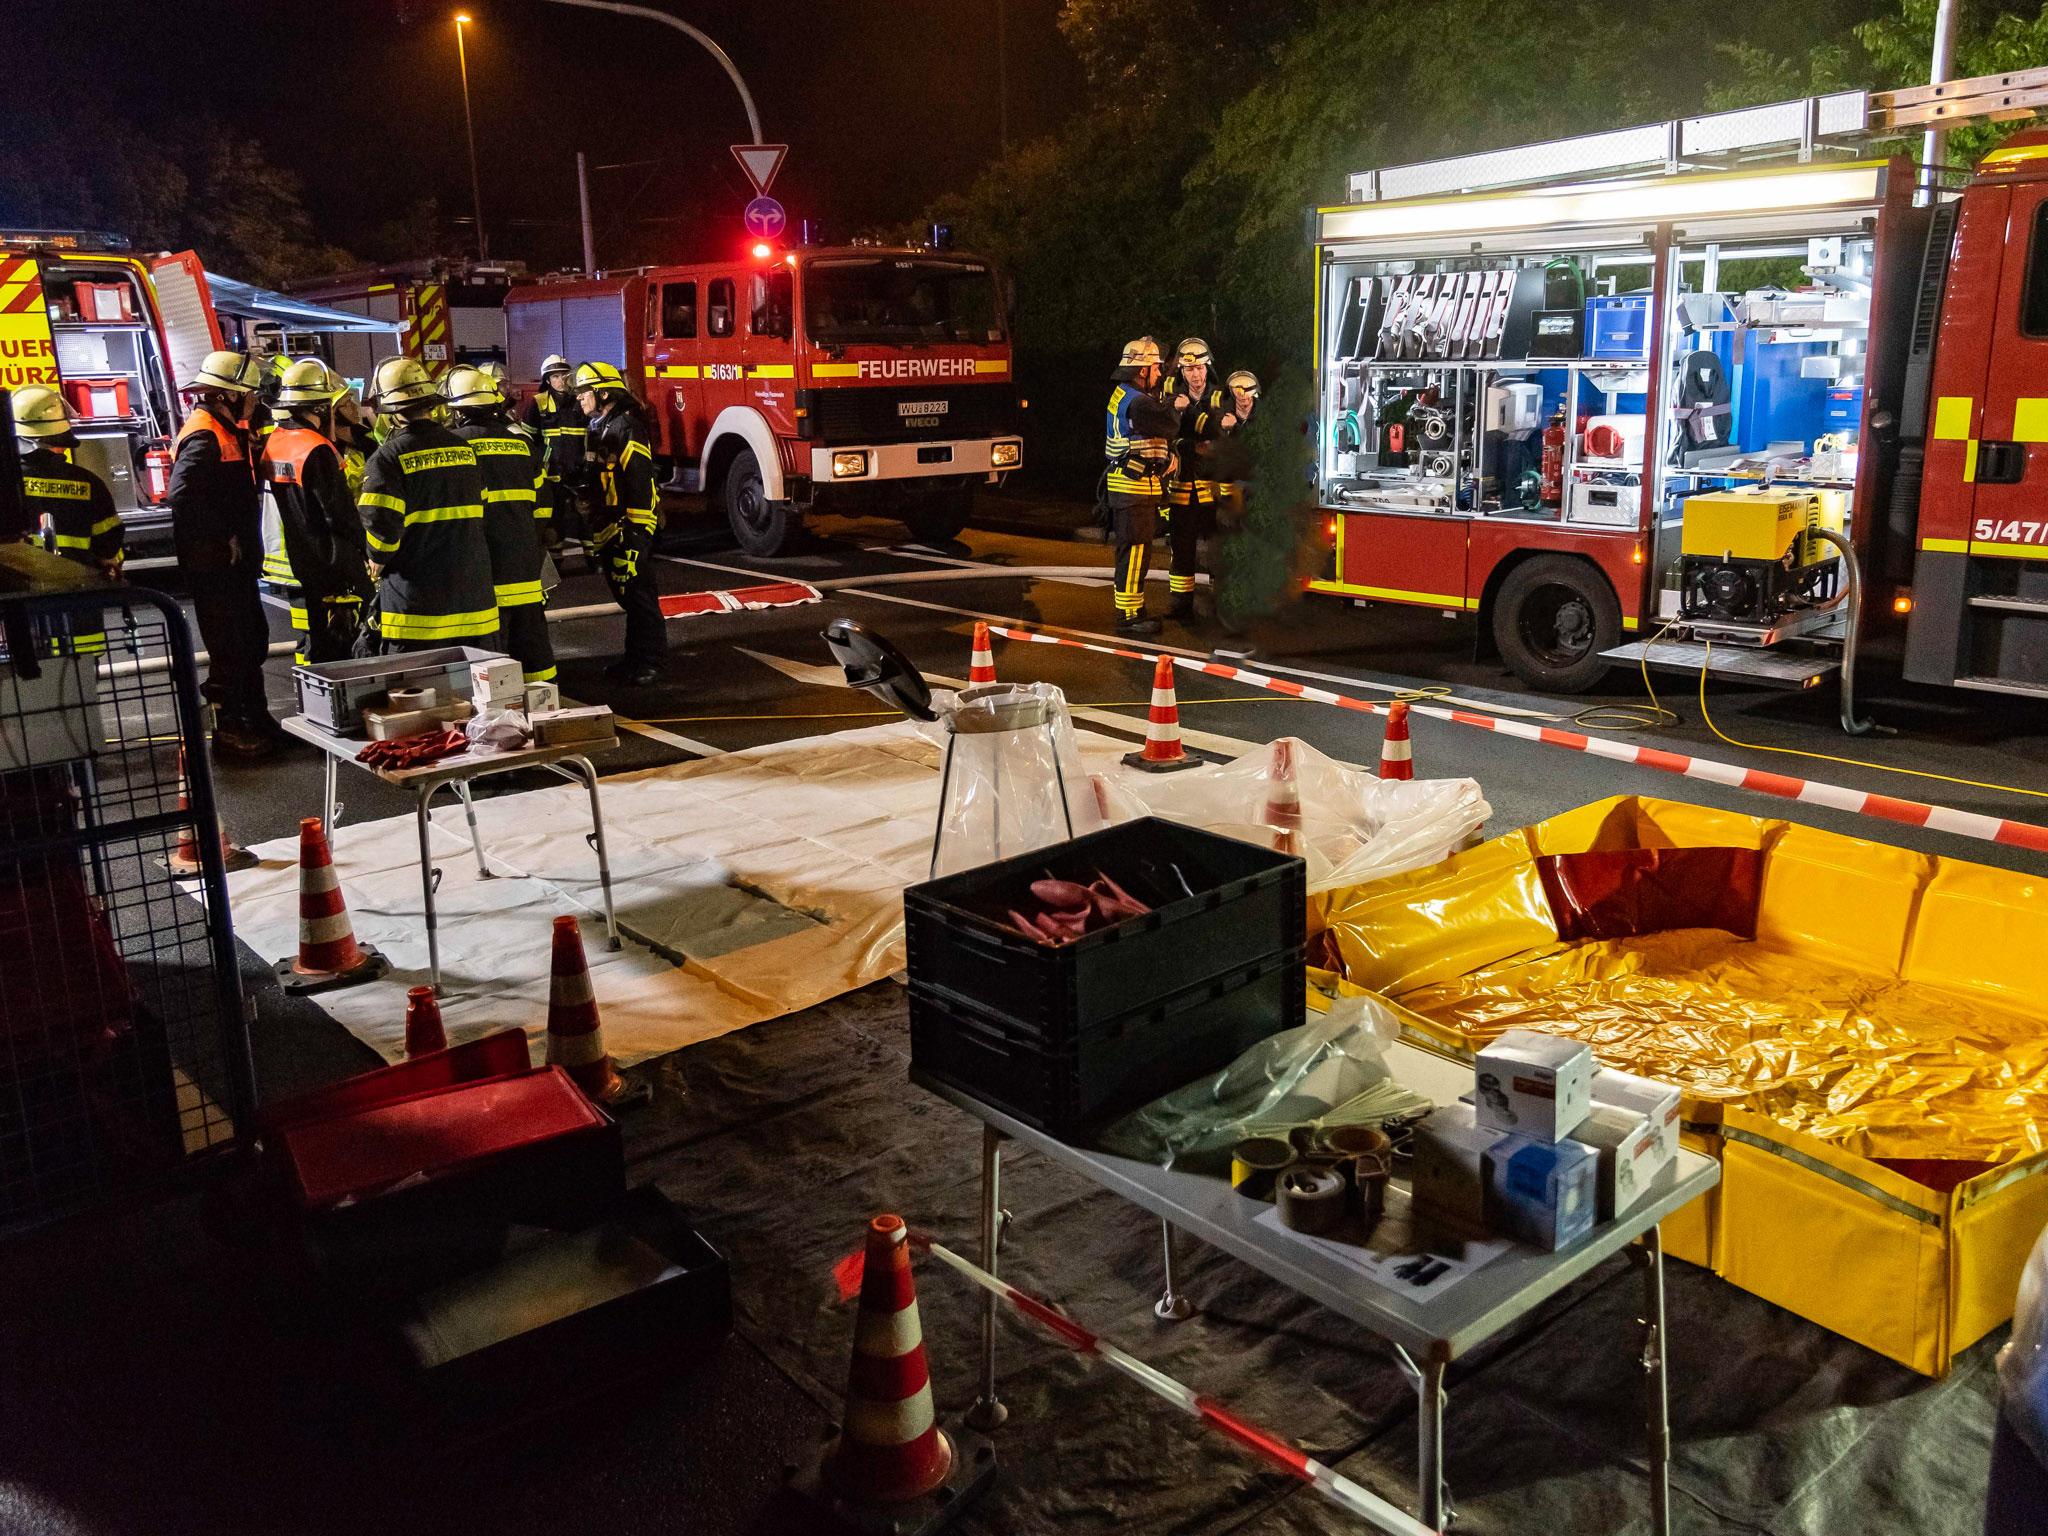 Der Gefahrgutkontrolltrupp der Feuerwehr Würzburg war vor Ort. Foto: Pascal Höfig